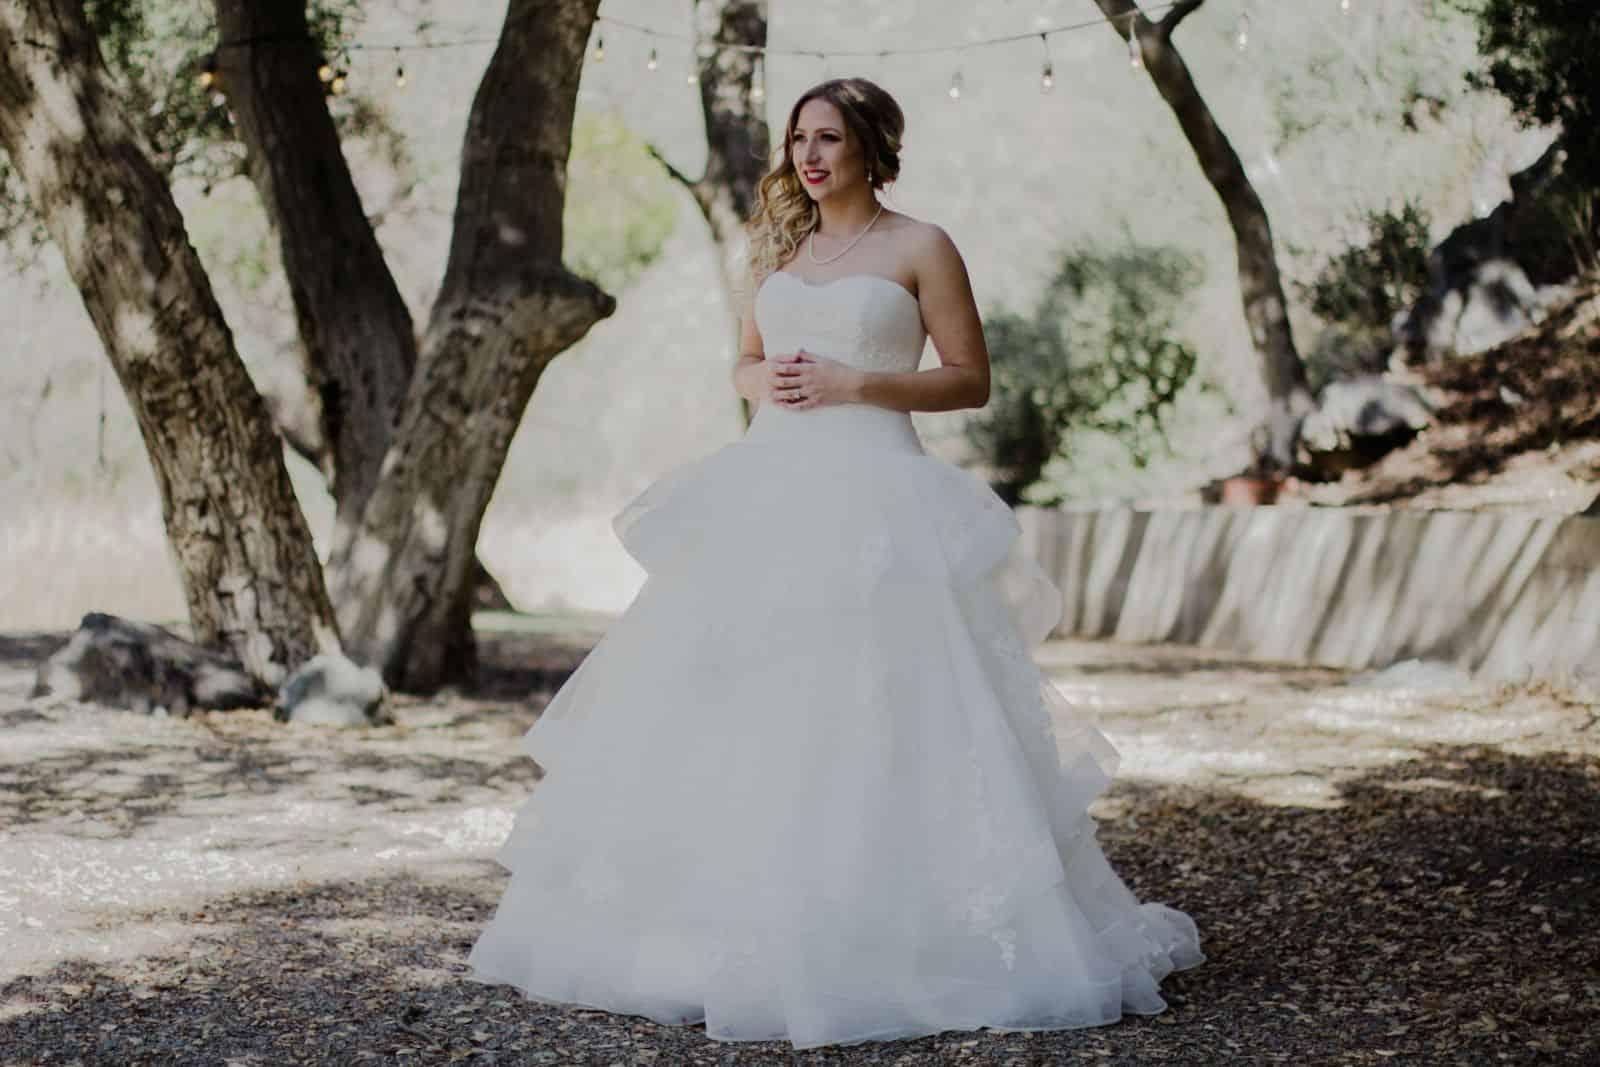 تشكيلة رائعة من فساتين الزفاف المناسبة لصاحبات الجسم الكمثري